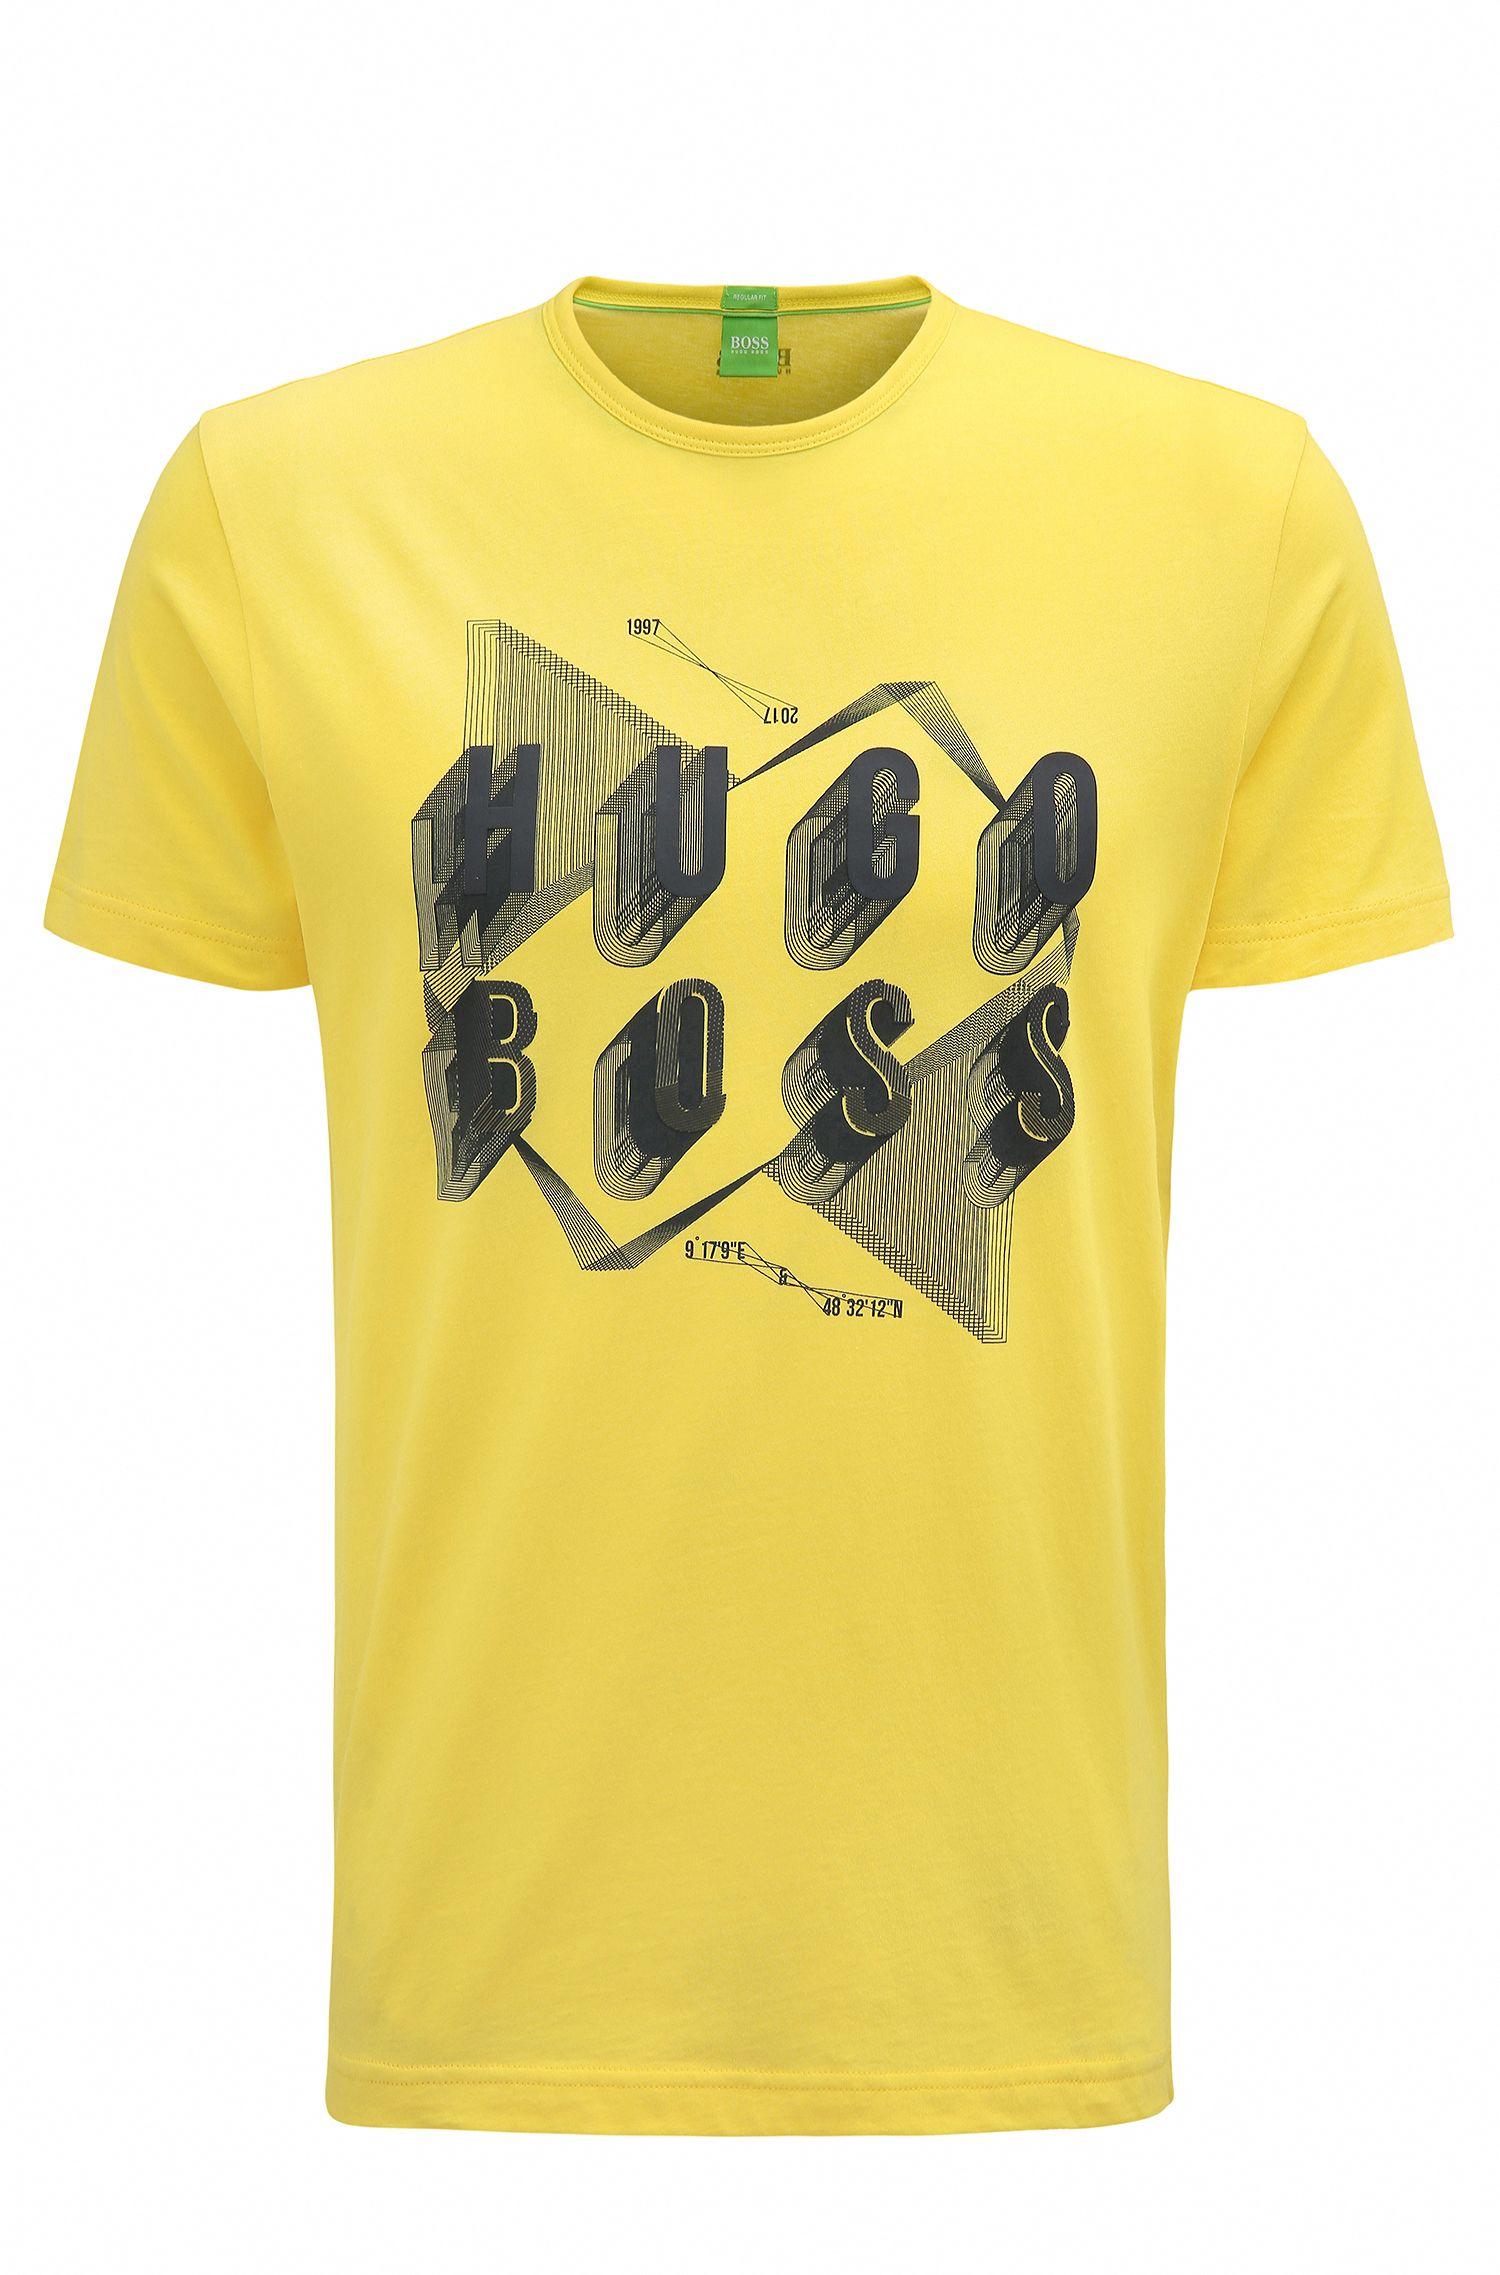 Camiseta regular fit de algodón con ilustración atrevida